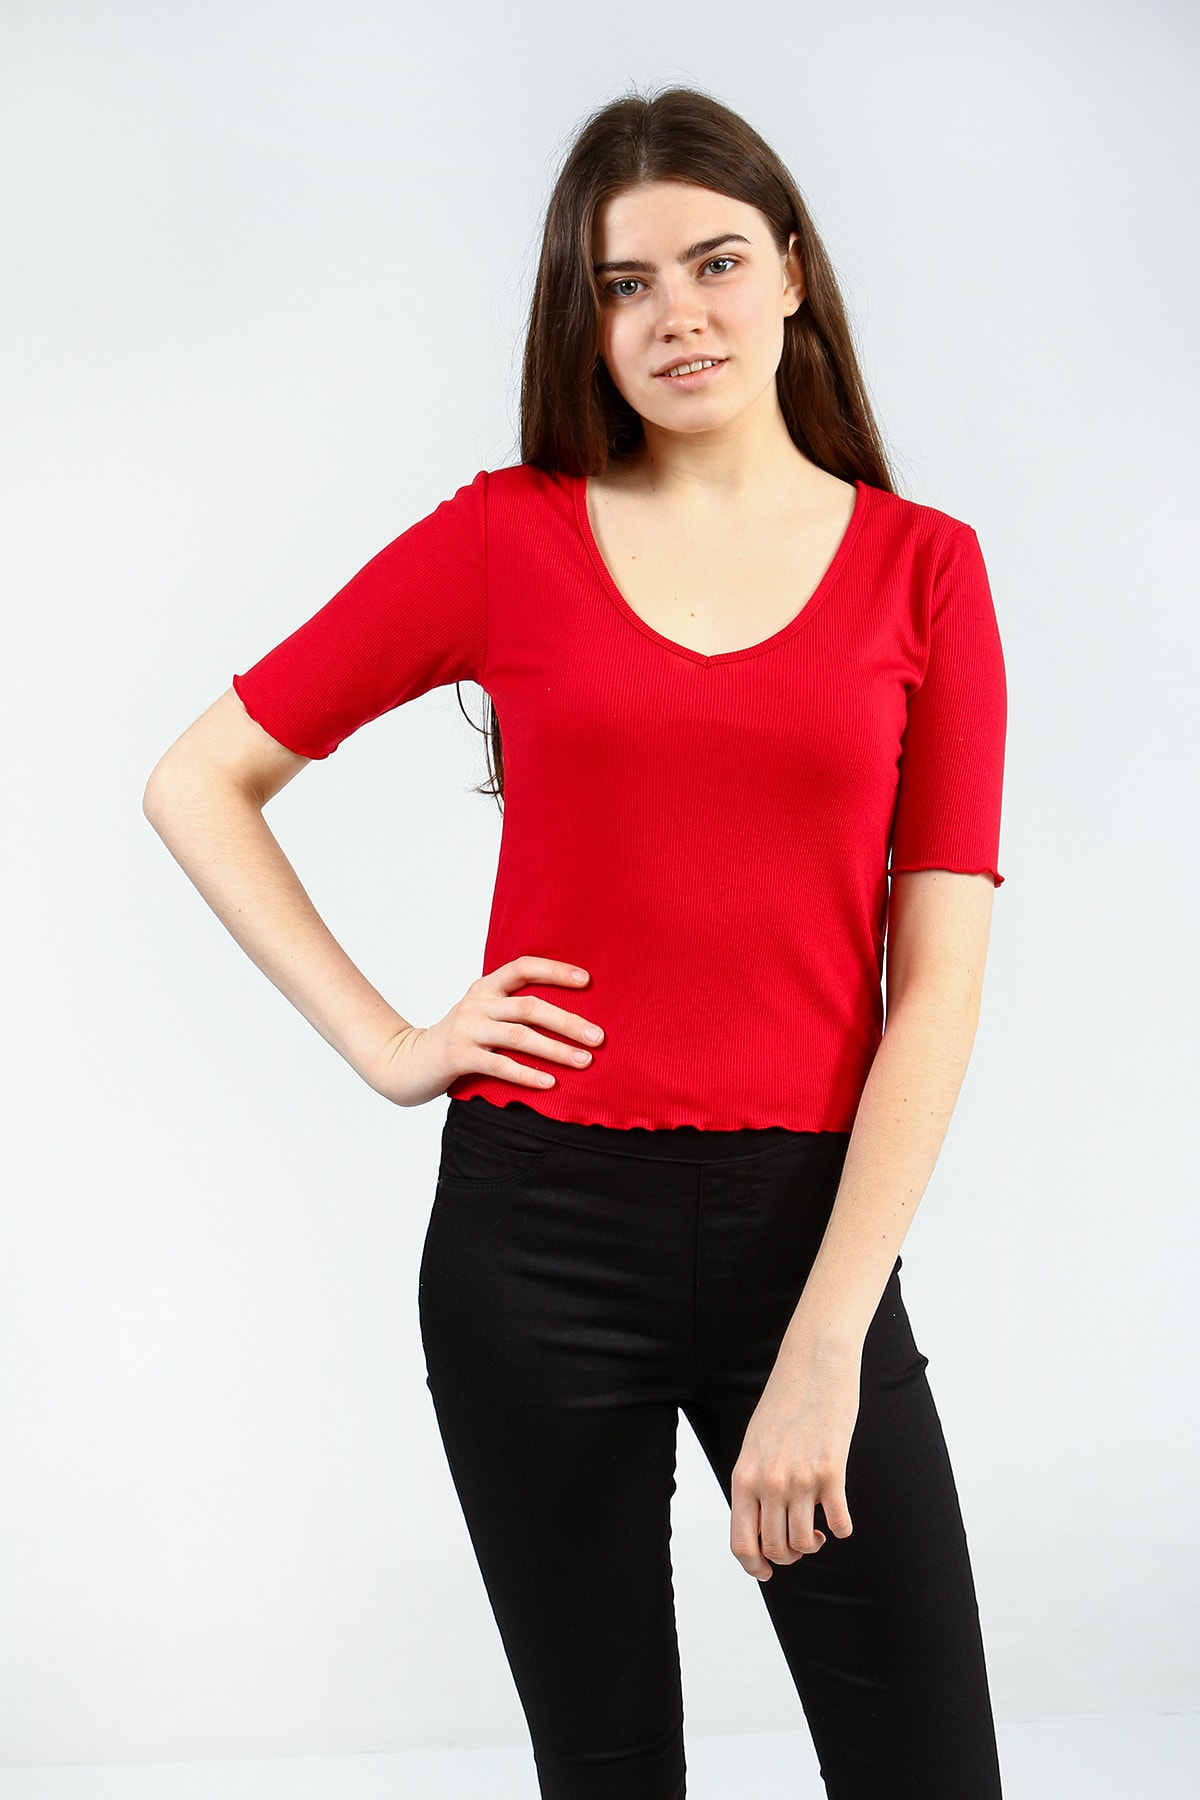 Collezione Kırmızı V Yakalı Bel Ve Kol Detaylı Kısa Kollu Basic Kadın Tshirt 1